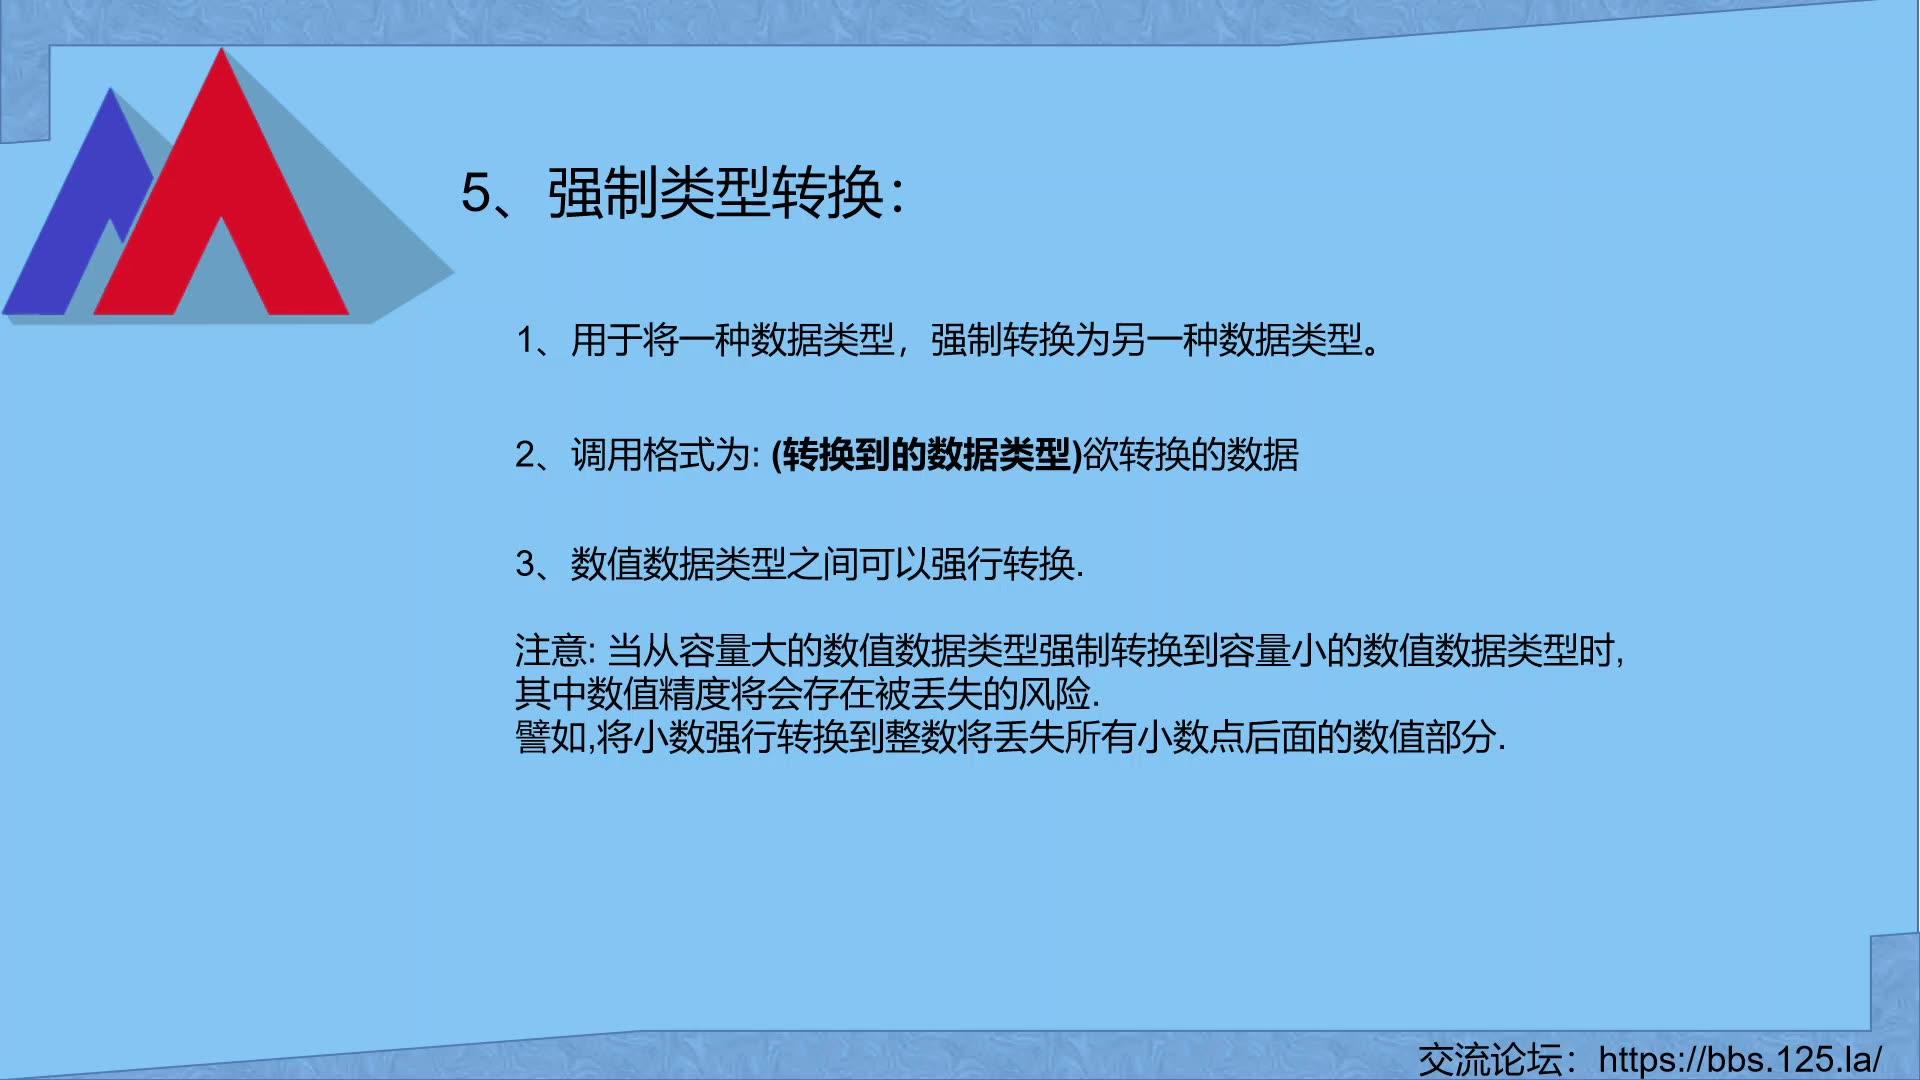 6、数据类型的介绍与使用